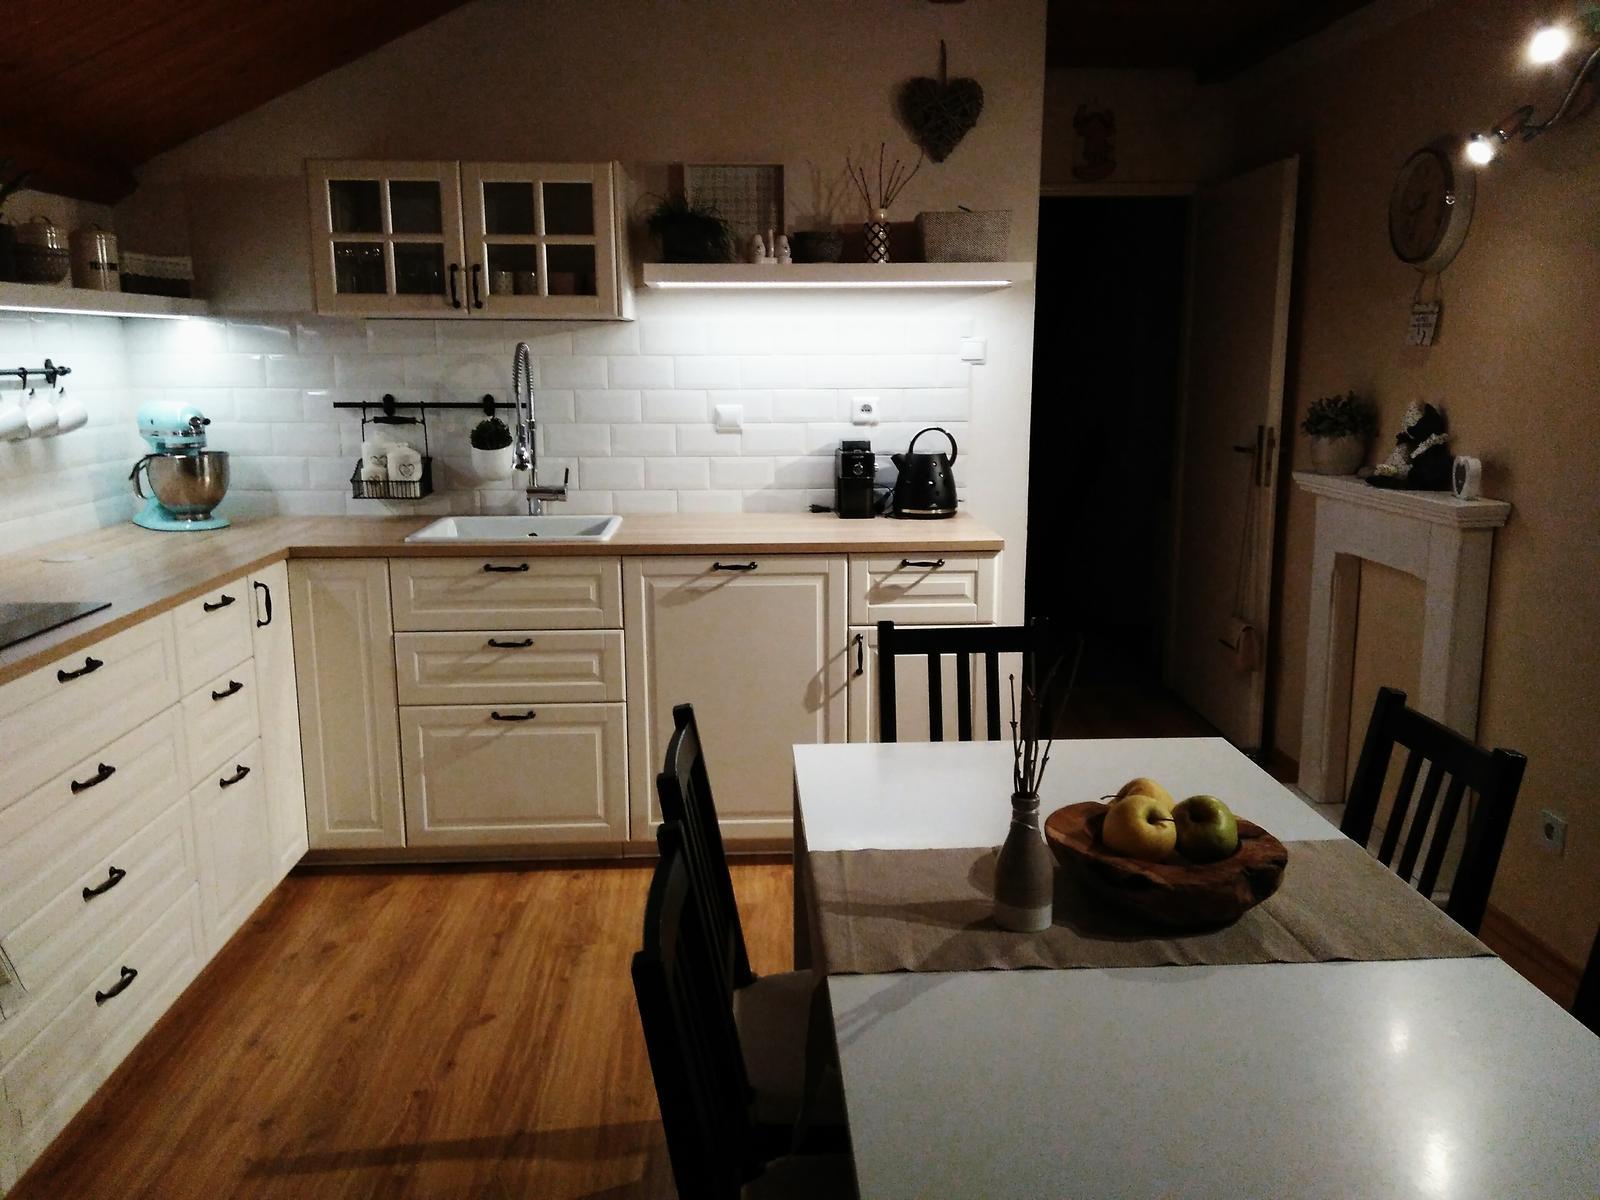 Můj sen,moje kuchyň - Obrázek č. 77